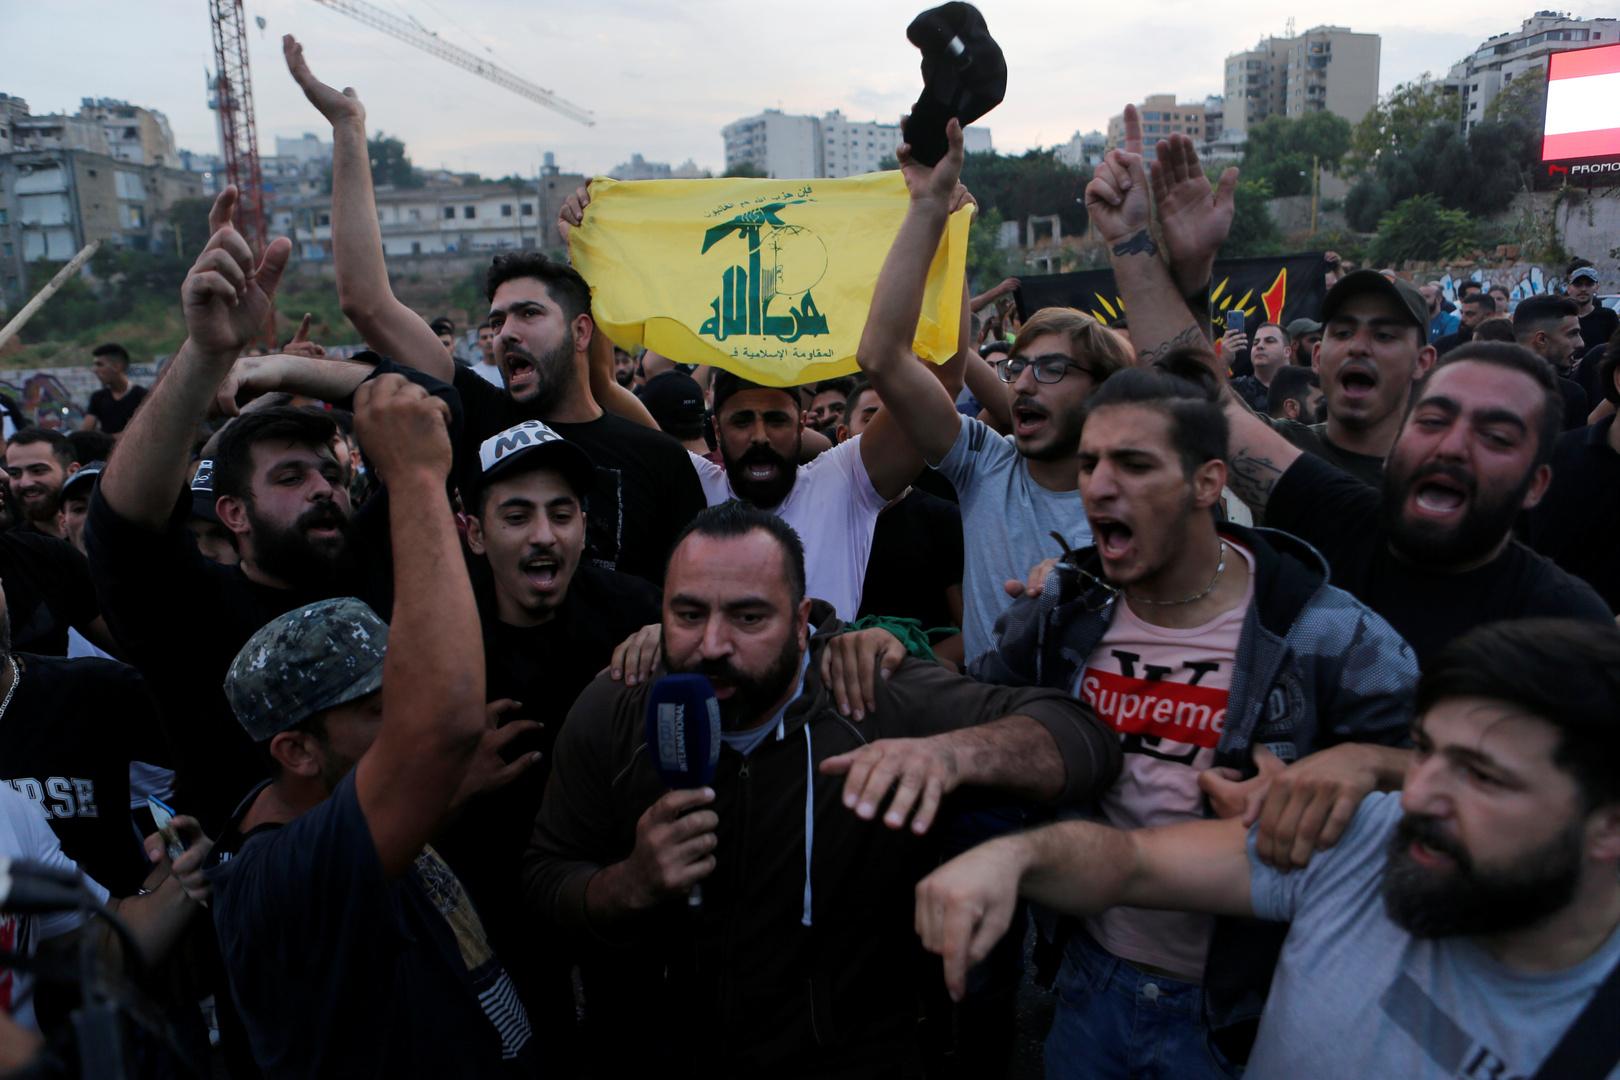 حزب الله: قطعنا الطريق على الحرب الأهلية وهناك من يزرع الألغام في طريق تشكيل الحكومة